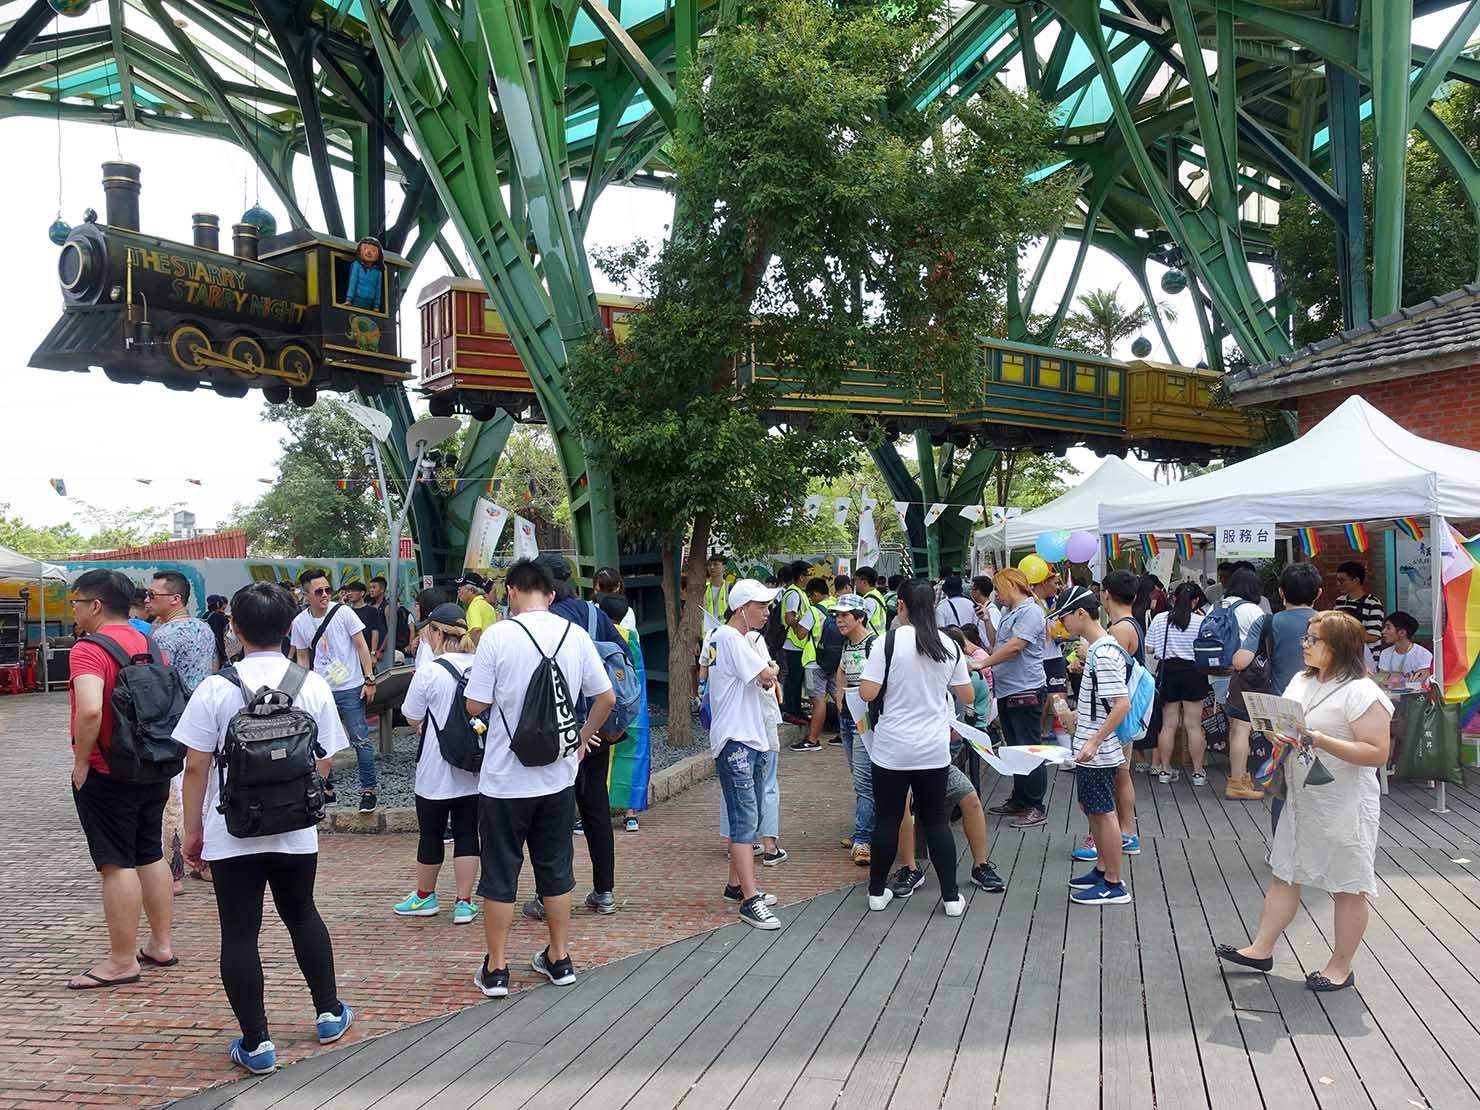 2018年台湾のLGBTプライド「宜蘭驕傲大遊行(宜蘭プライド)」の会場